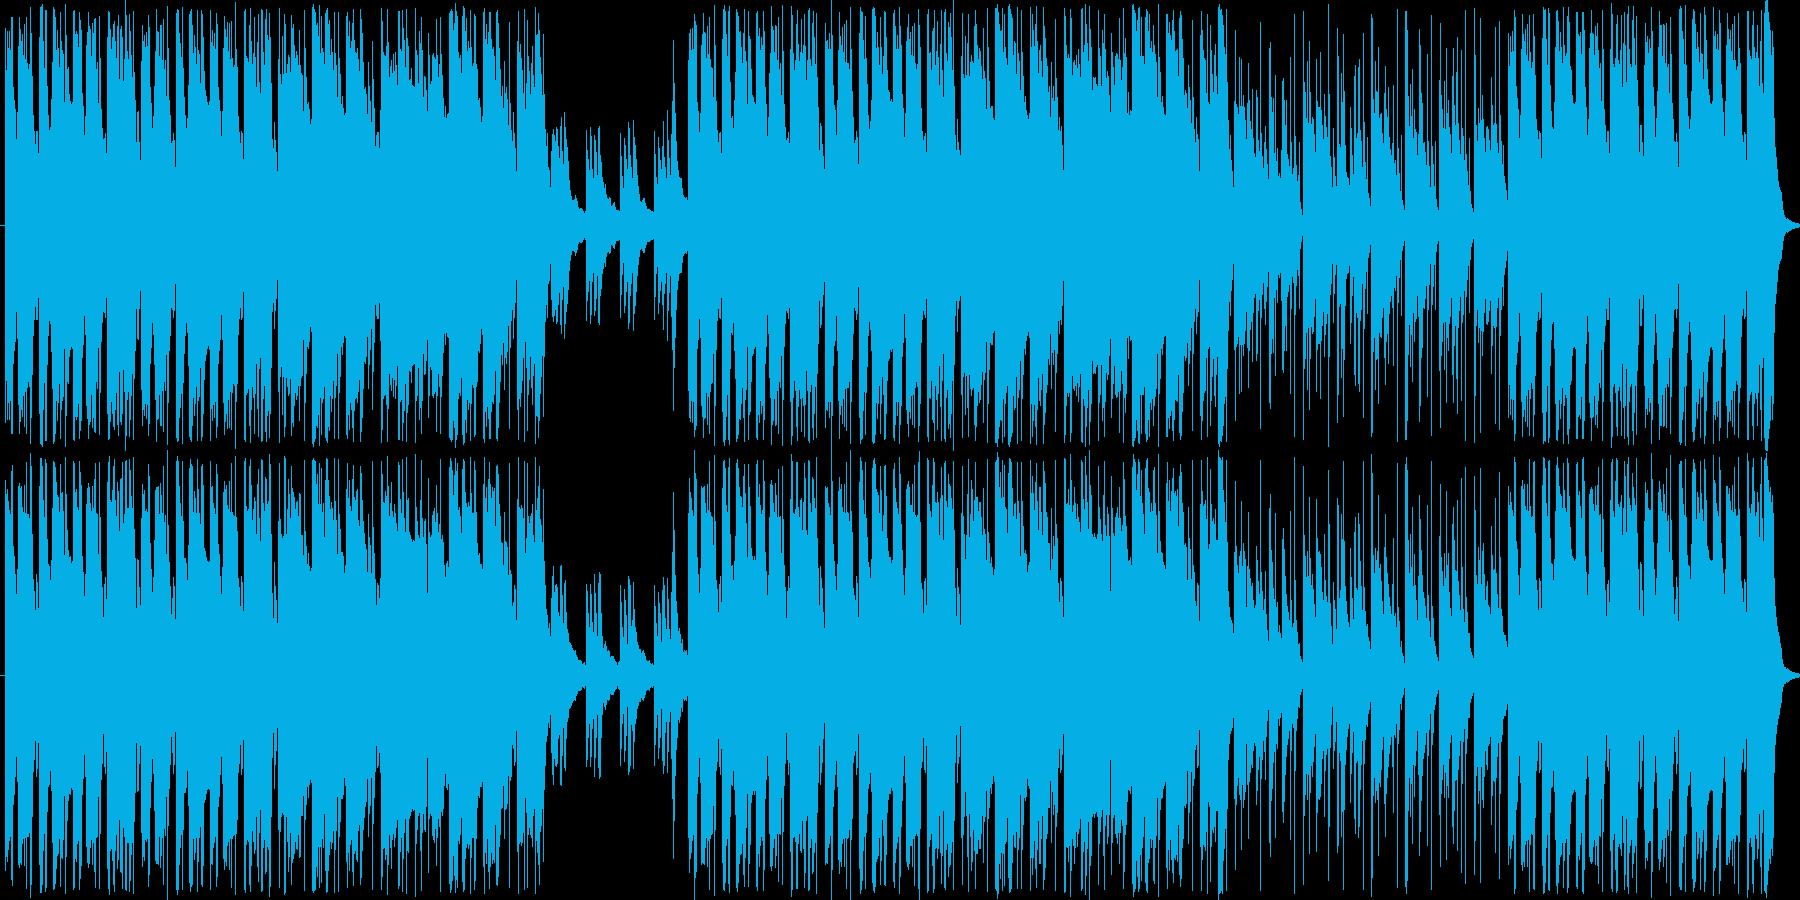 ほのぼのしたポップの再生済みの波形